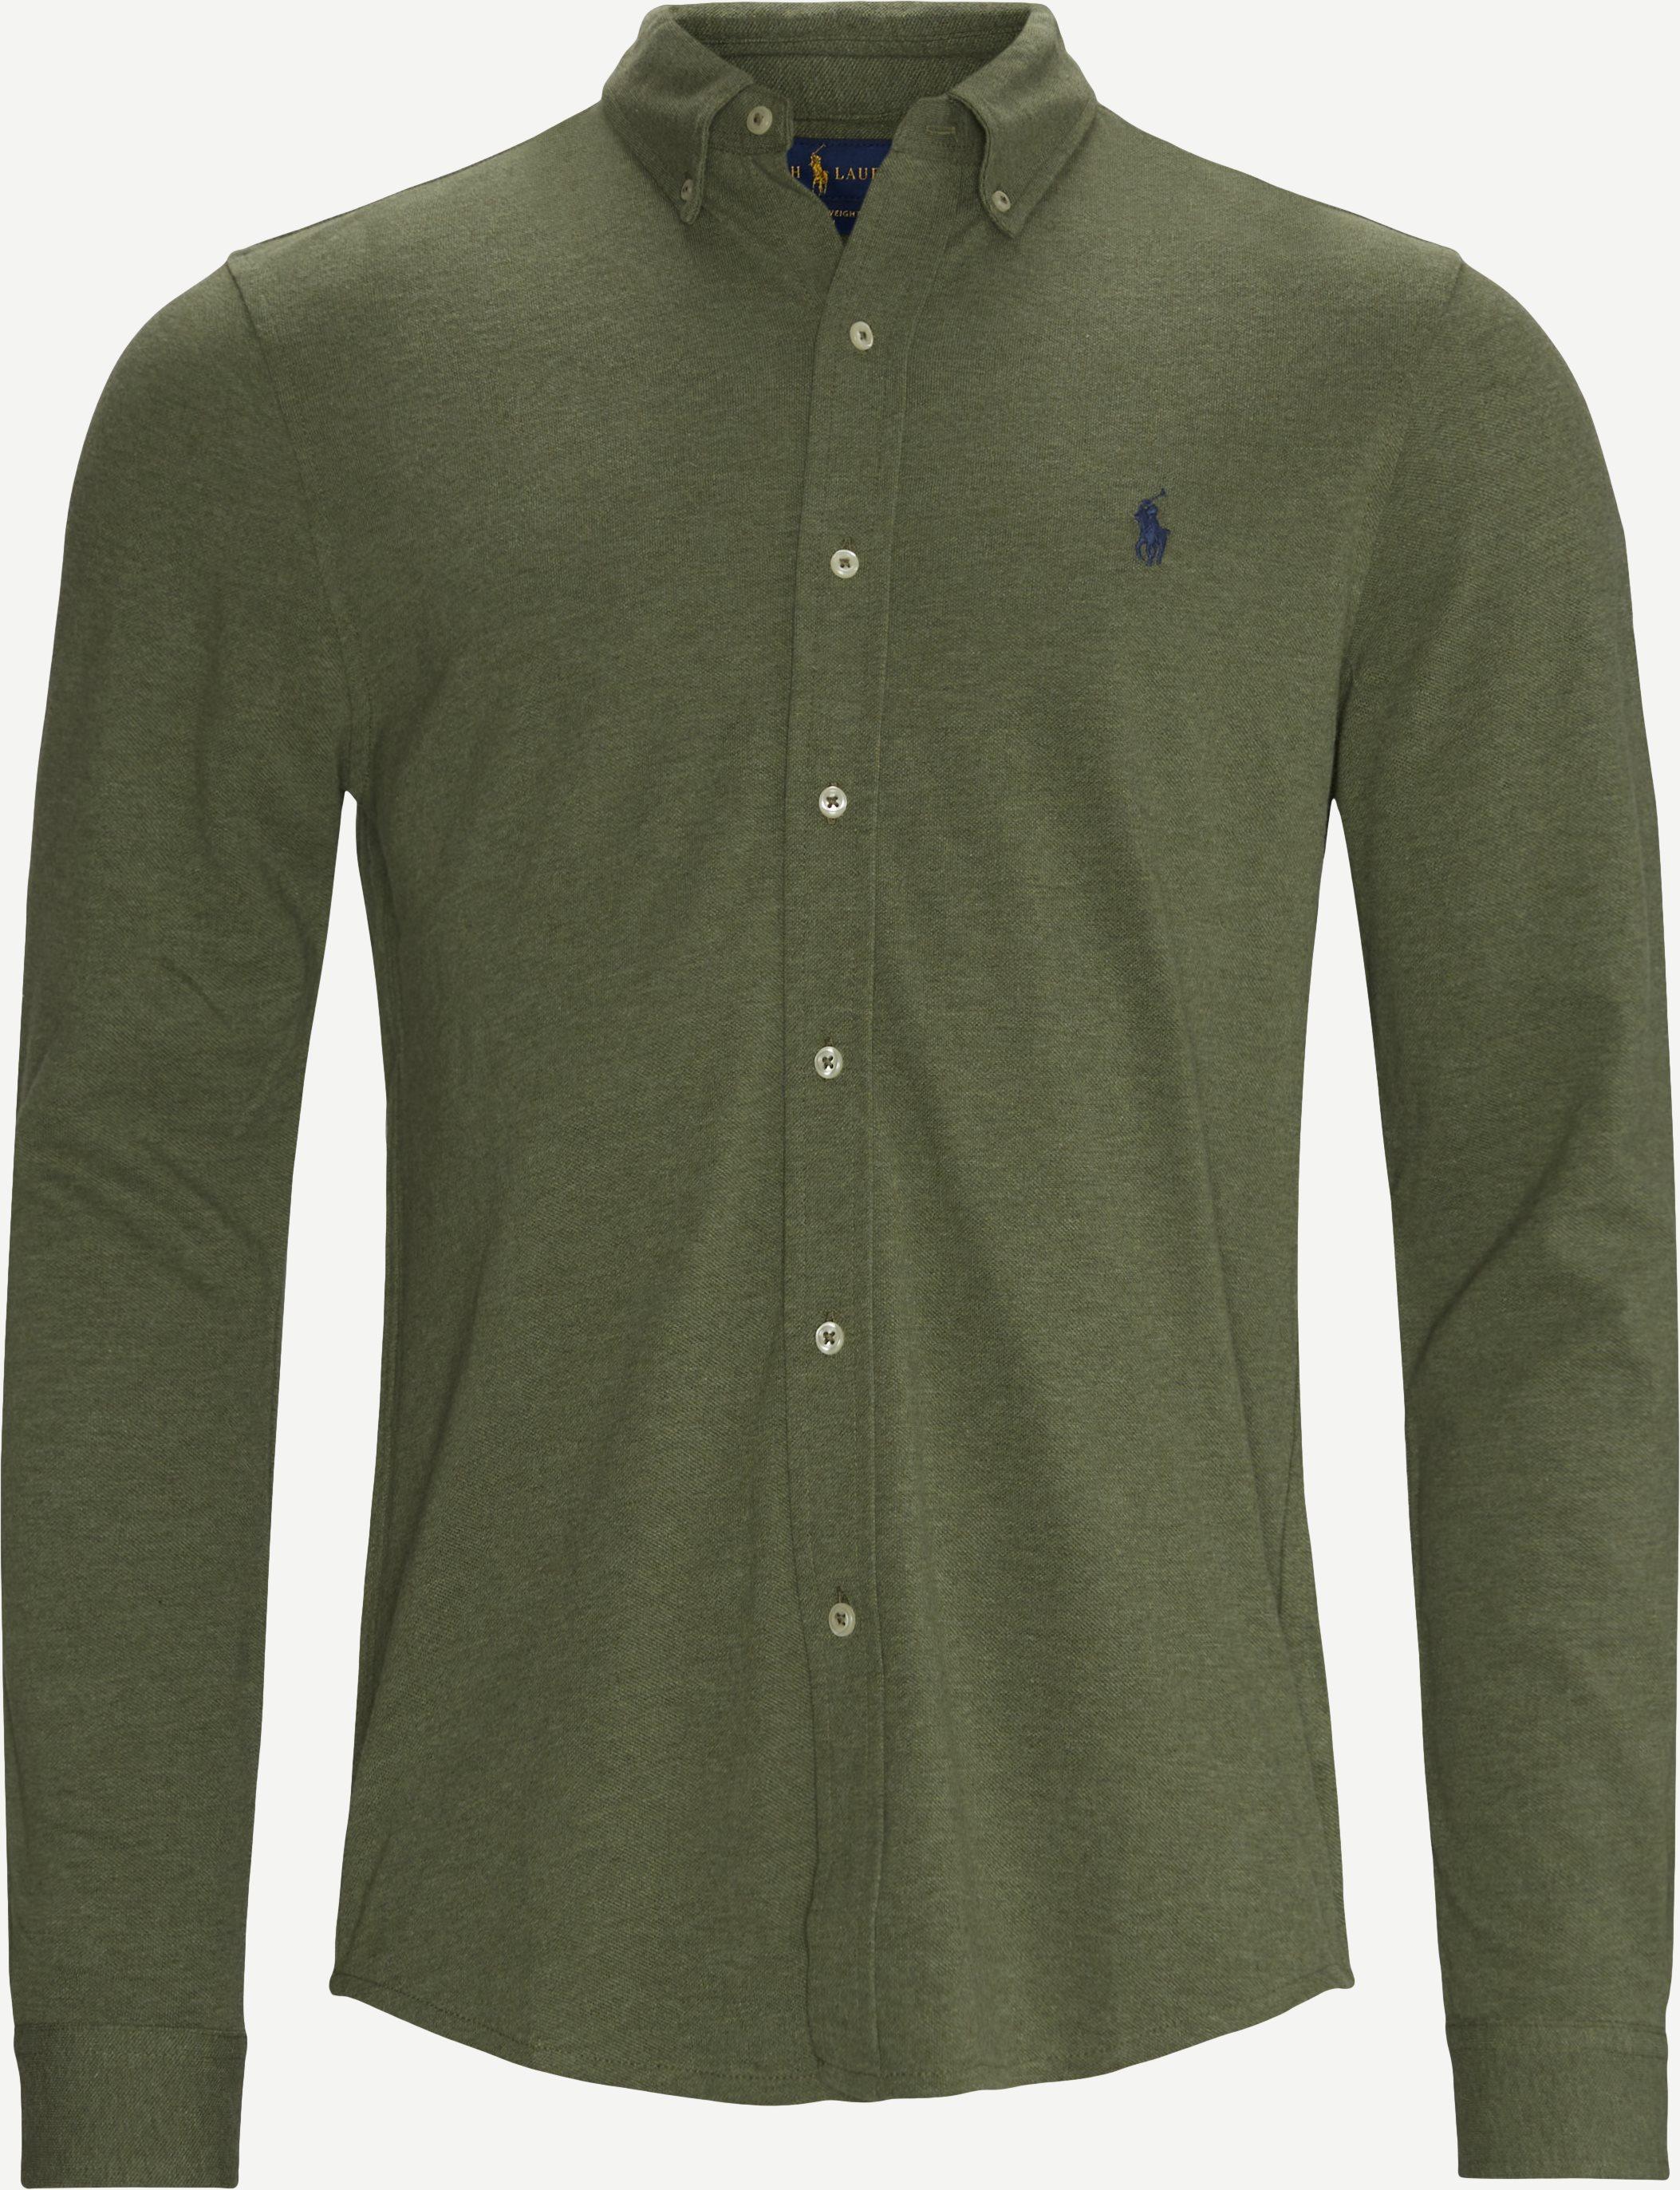 Hemden - Regular fit - Oliv